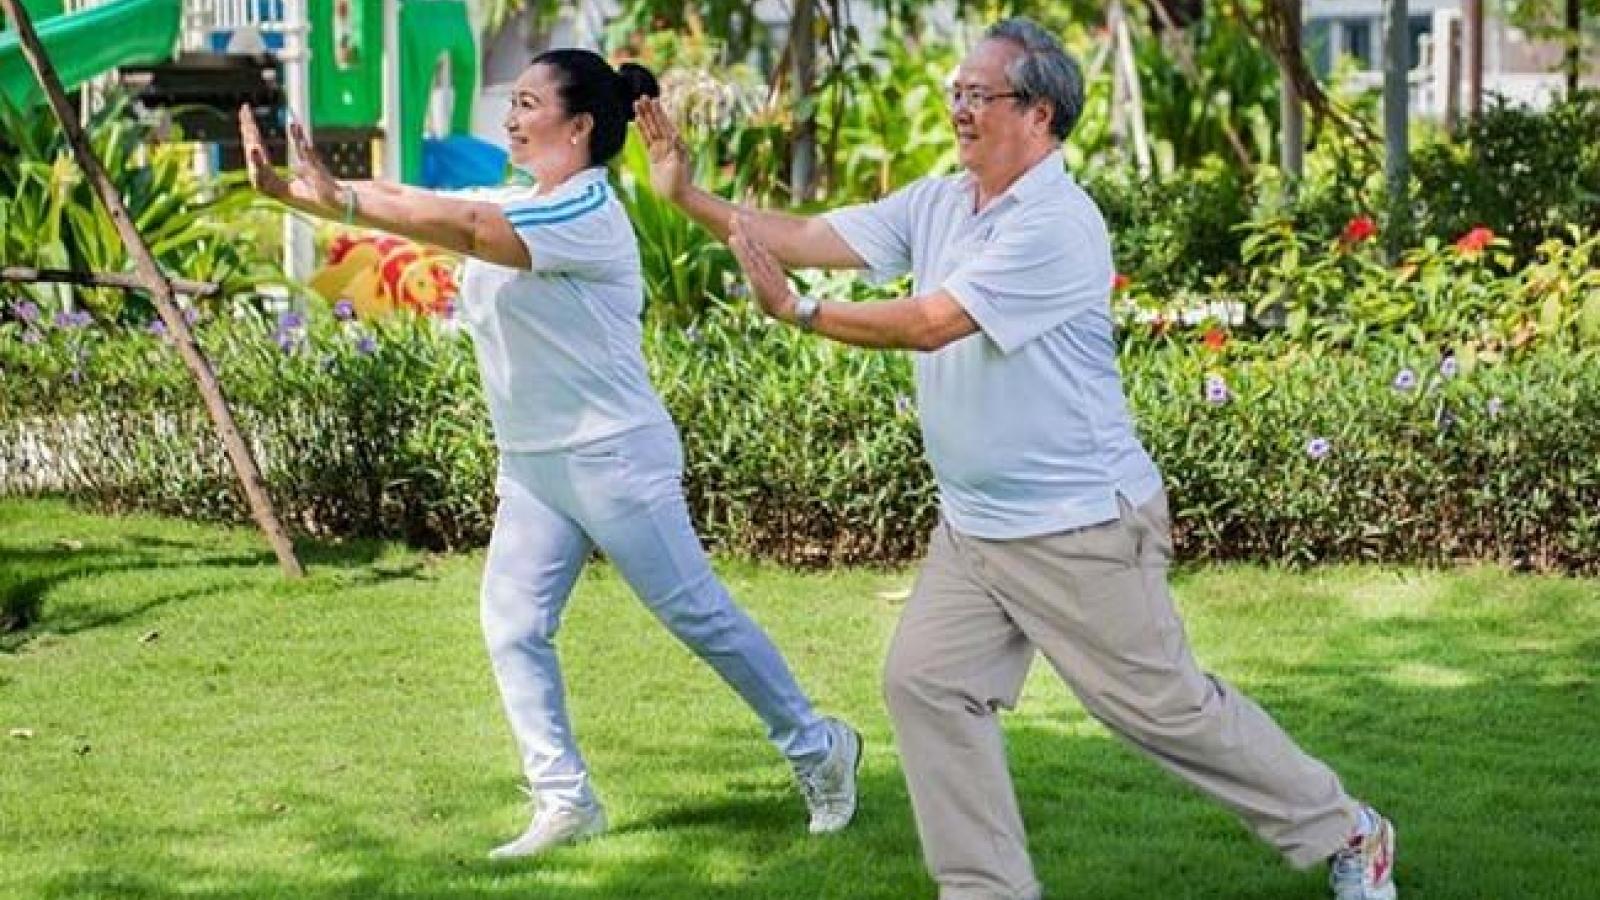 Thay đổi lối sống để có một cuộc sống khỏe mạnh lúc về già